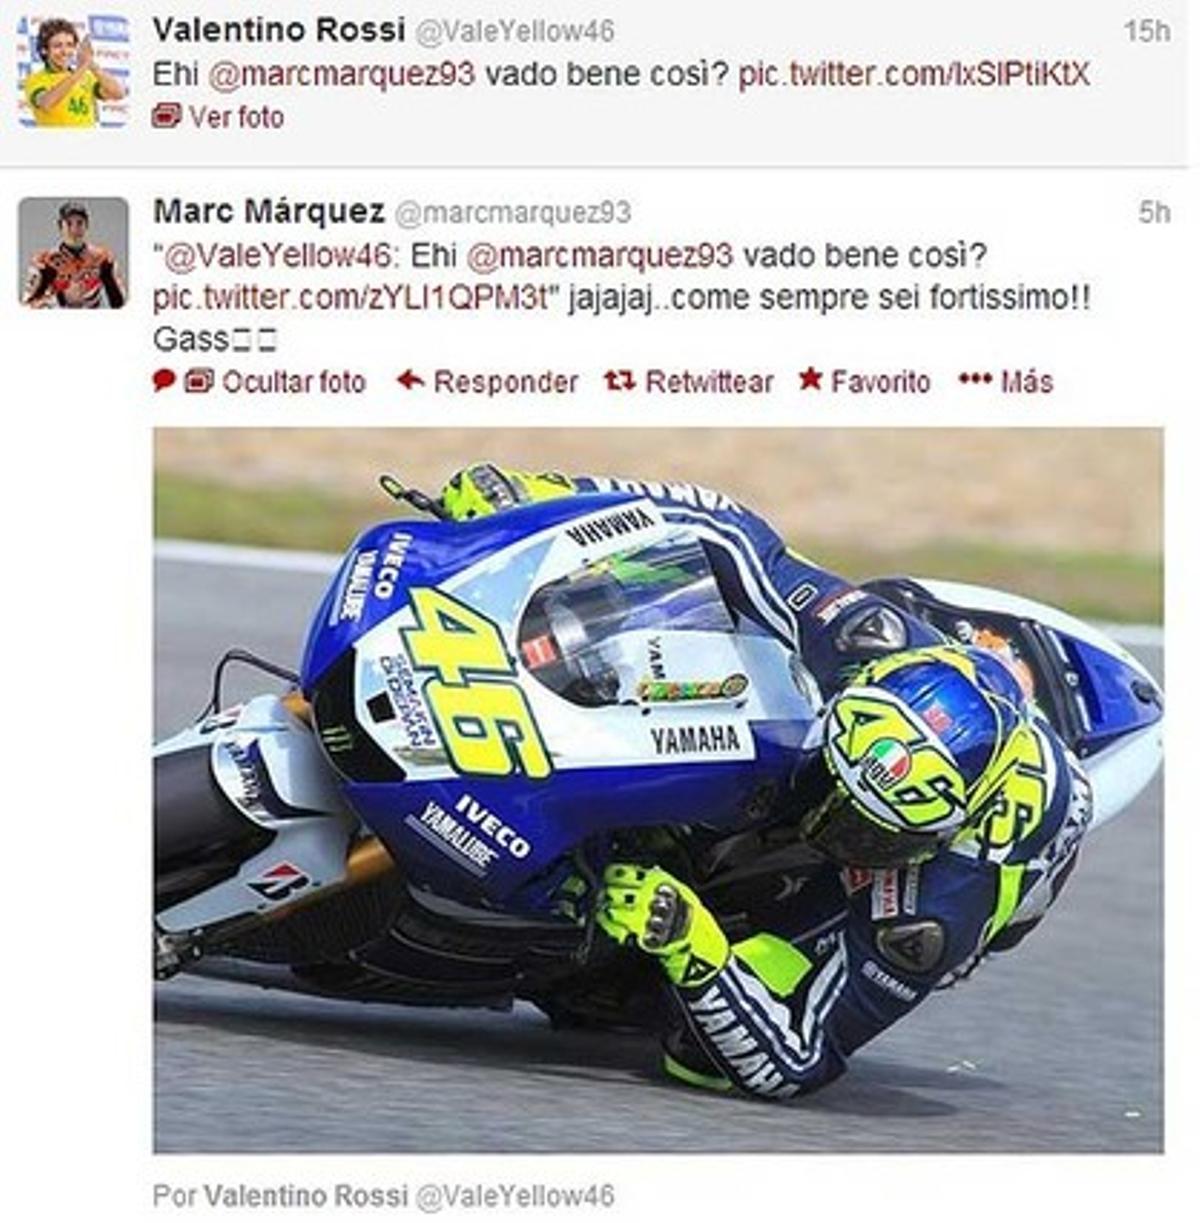 El intercambio de tuits entre Valentino Rossi y Marc Márquez.